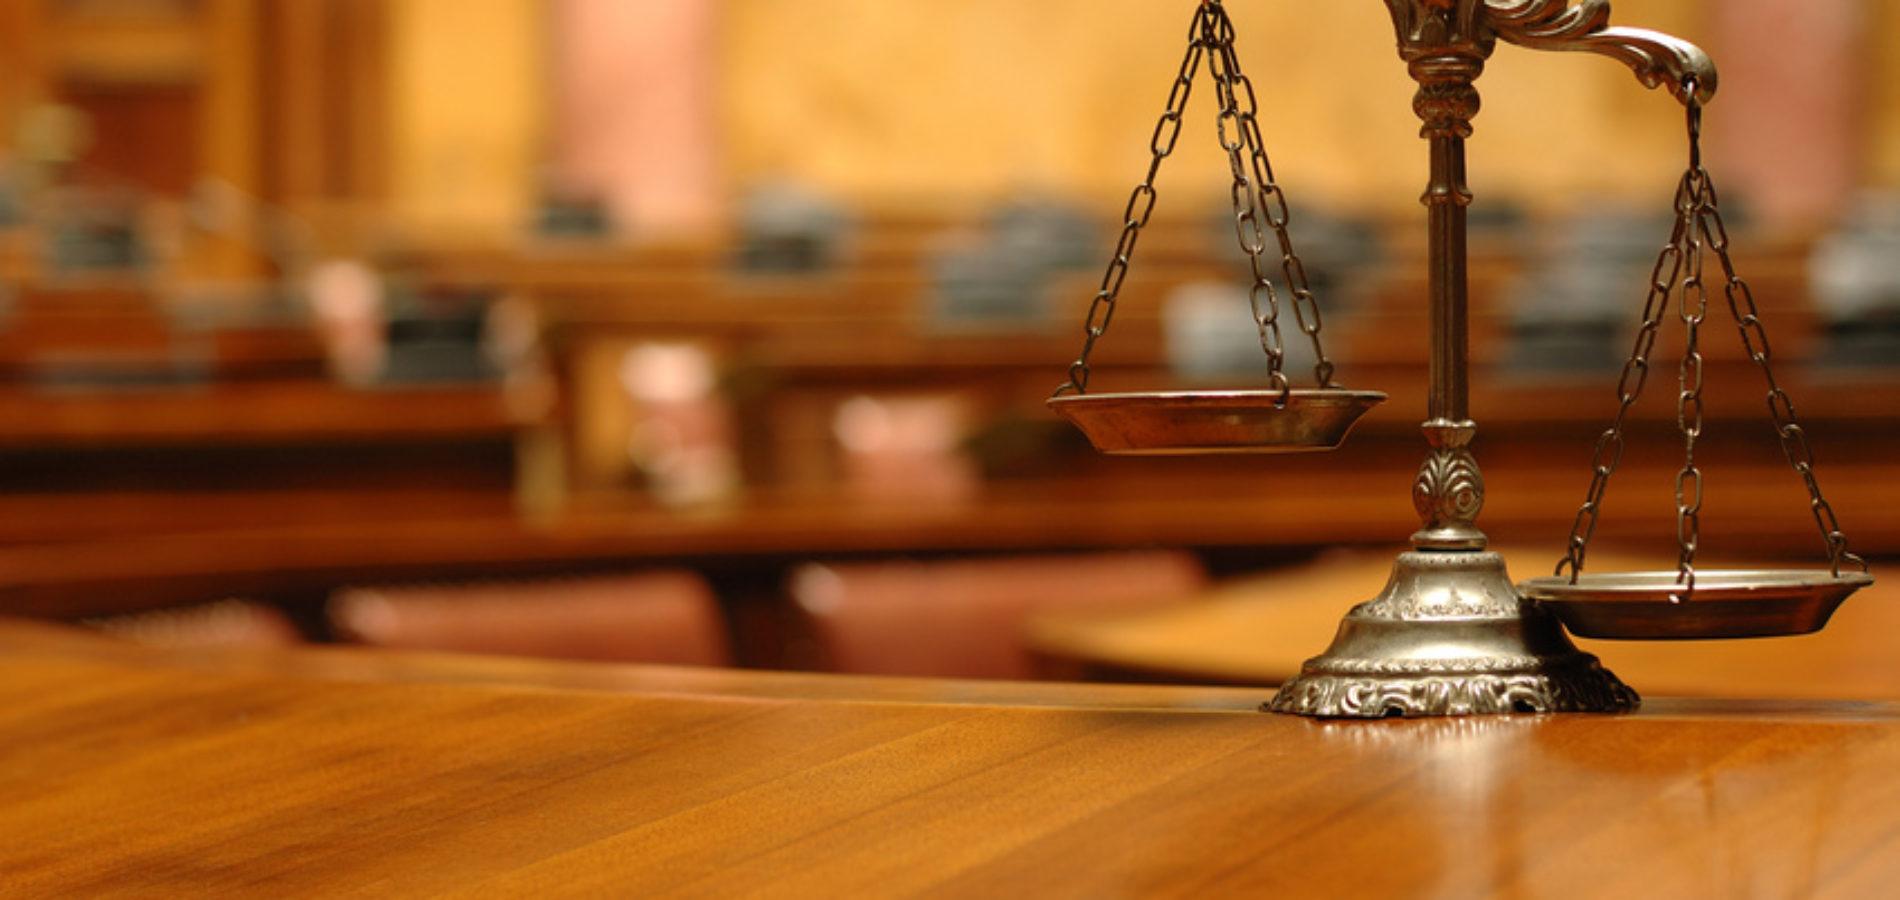 В Совете Федерации обсудят судебную реформу и реформу уголовного законодательства в экономической сфере